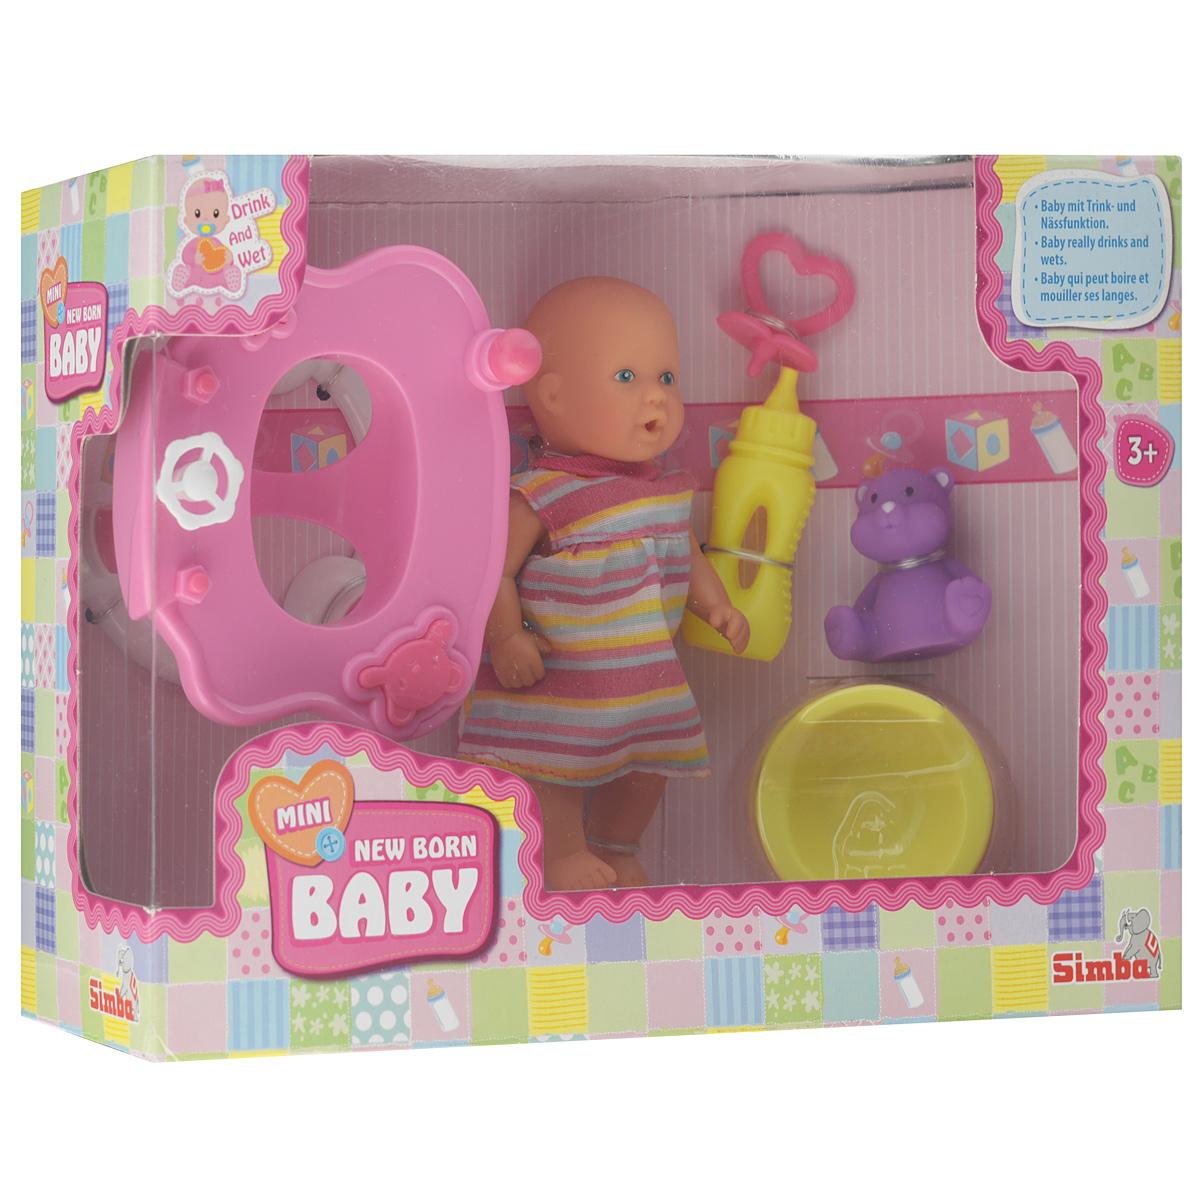 Simba Игровой набор Новорожденный: ходунки5039806_ходункиИгровой набор с новорожденным пупсом Simba обязательно понравится вашей малышке. Туловище и одежда куклы изготовлены из материалов, которые абсолютно безвредны для ребенка. В наборе с куклой имеются: ходунки, бутылочка, горшок, пустышка и игрушка. Кукла умеет пить из бутылочки и писать в горшок. Во время игры с набором у девочки будут развиваться такие черты характера как аккуратность, заботливость и ответственность, ведь куколка нуждается в постоянной заботе и внимании. Ваша дочурка с радостью будет ухаживать, кормить и играть в дочки-матери с таким очаровательным пупсом.